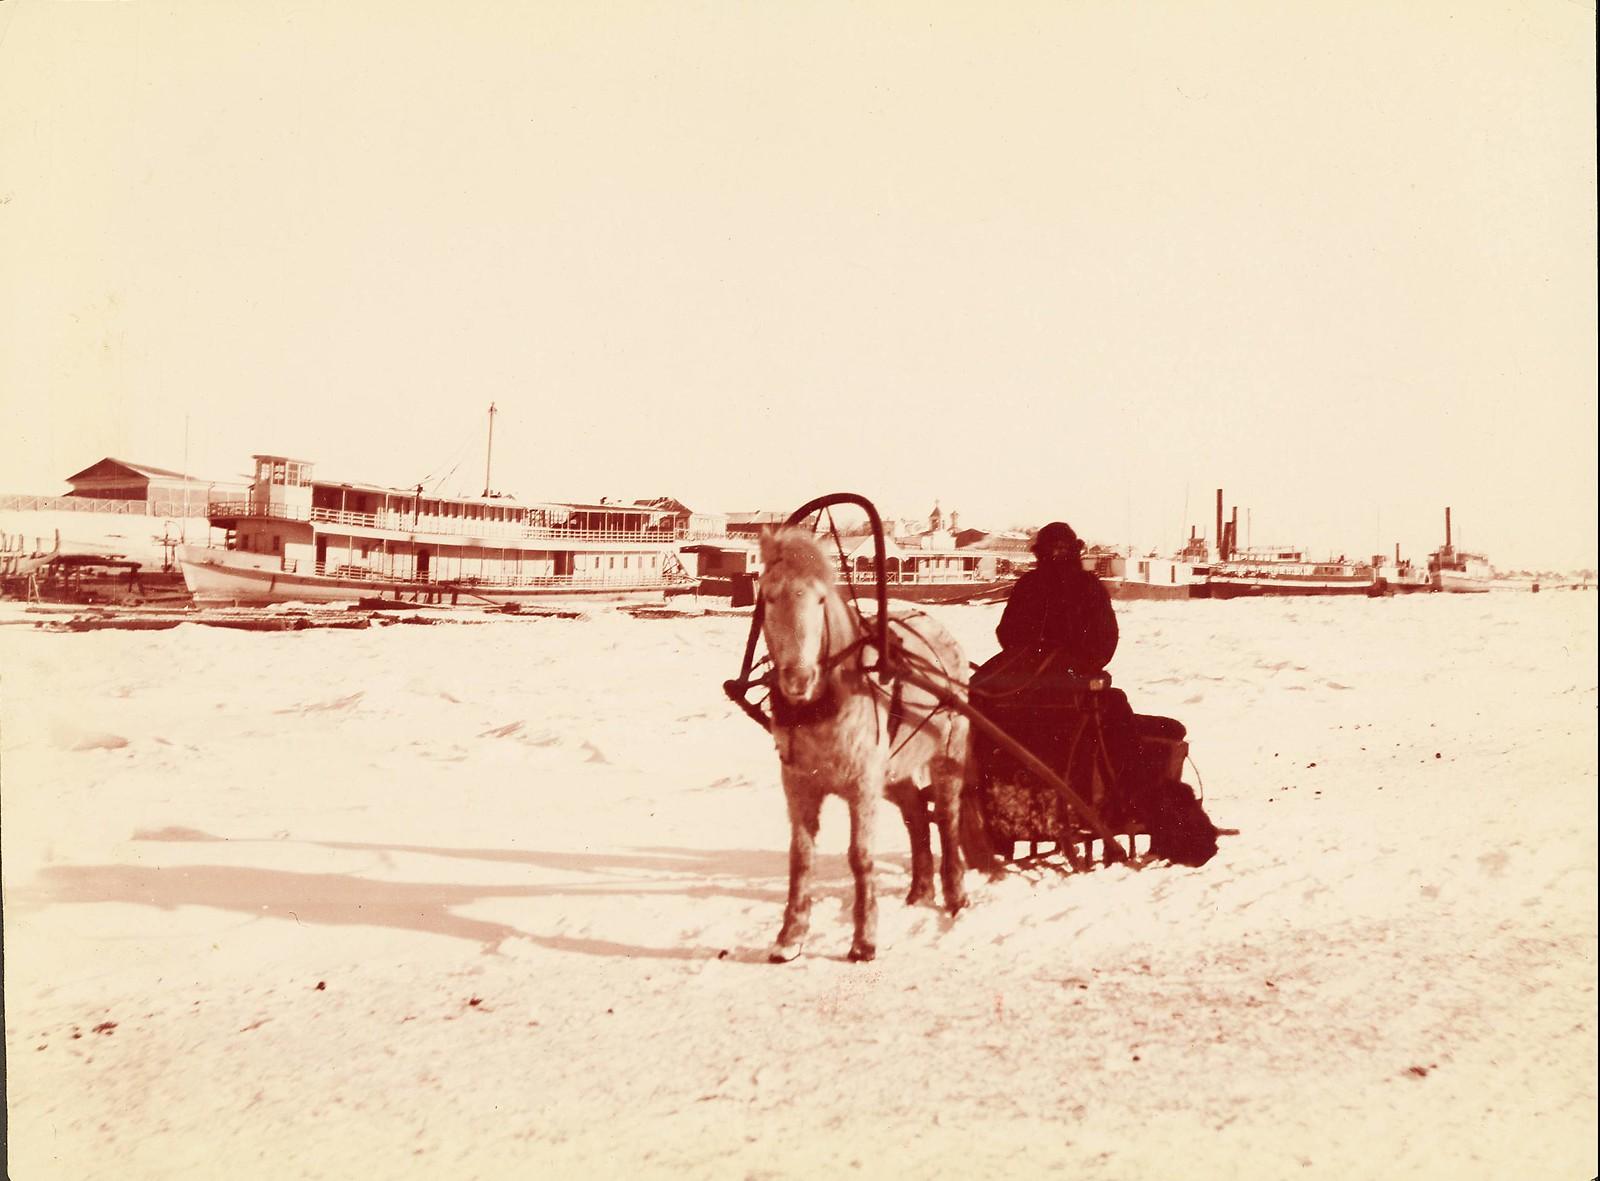 1895. Уильям Генри Джексон путешествует по Транссибу. Приморская область